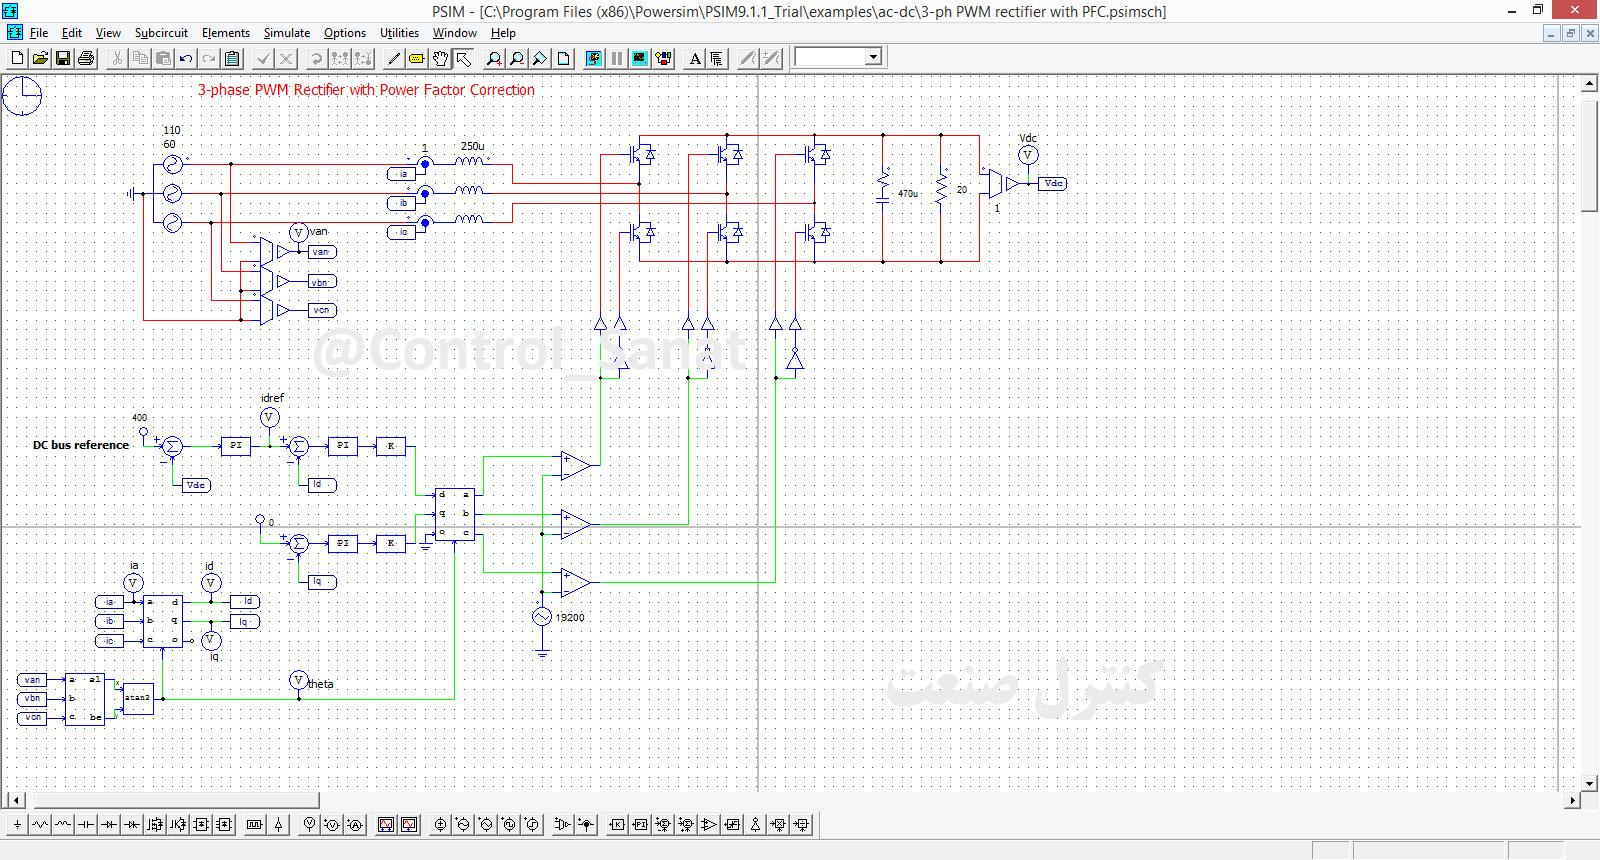 نمونه شماتیک مدار در نرم افزار PSIM